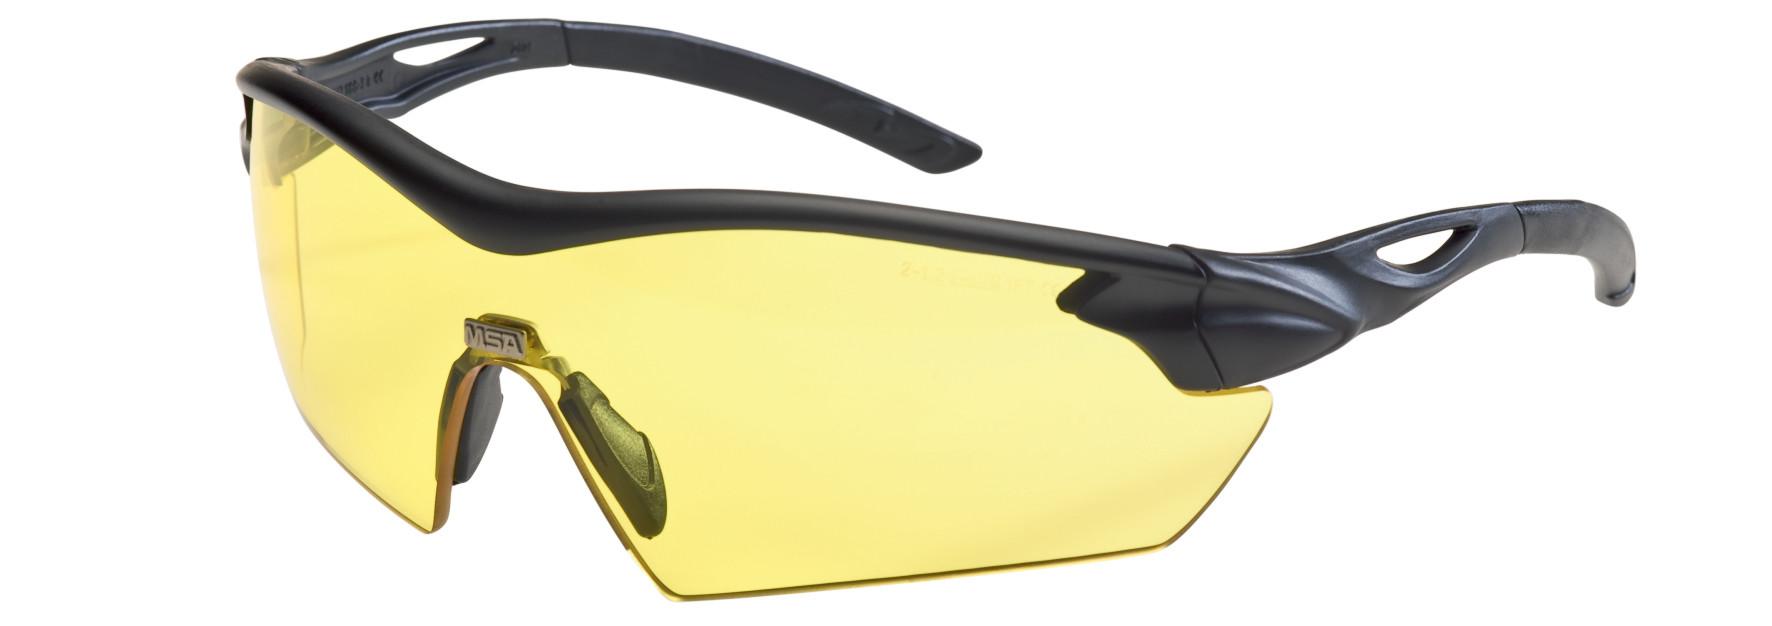 12ST MSA Veiligheidsbril Racers amber (Rood)